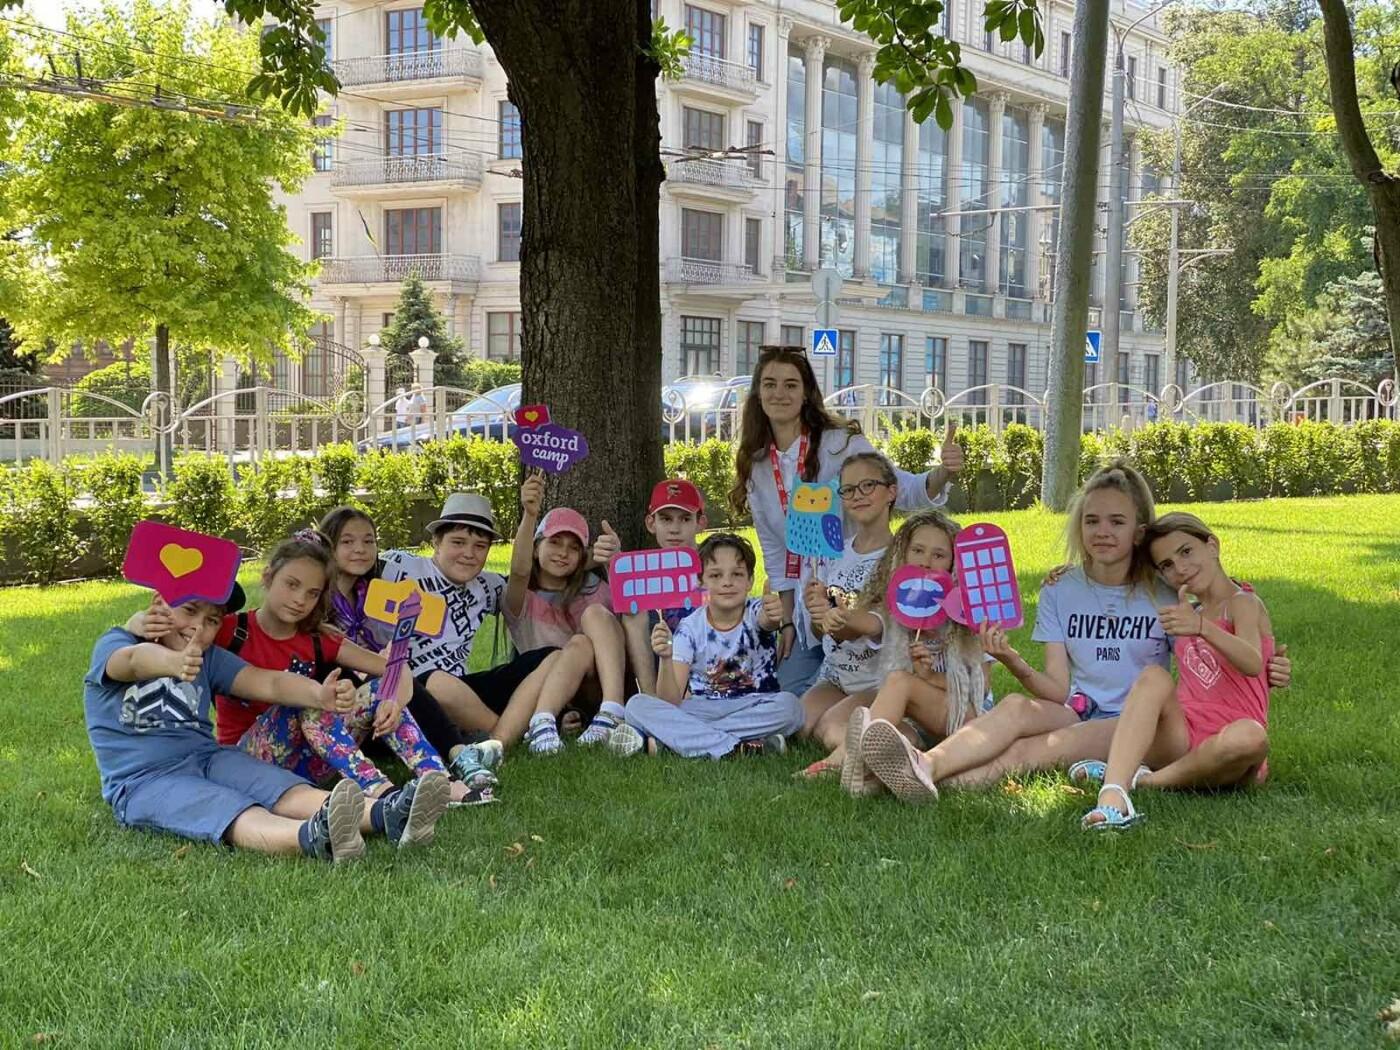 Незабываемые английские каникулы для детей 6-15 лет! (*Акция до 20 мая 2021 г.), фото-10